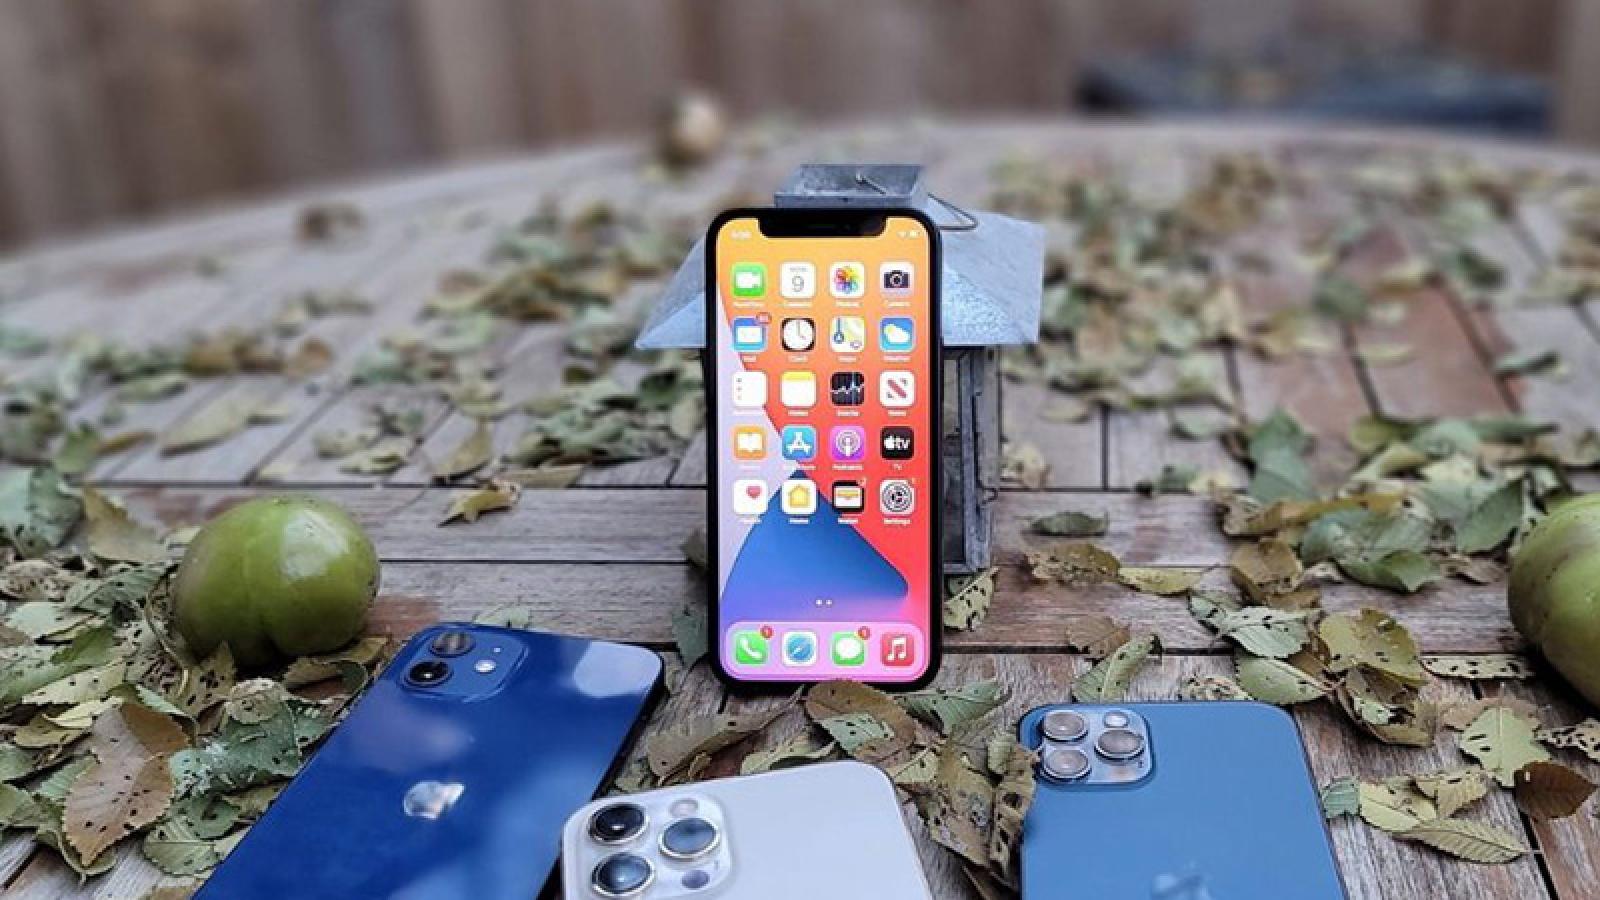 Thiết kế đỉnh cao iPhone 12 giúp việc sửa chữa trở nên khác lạ